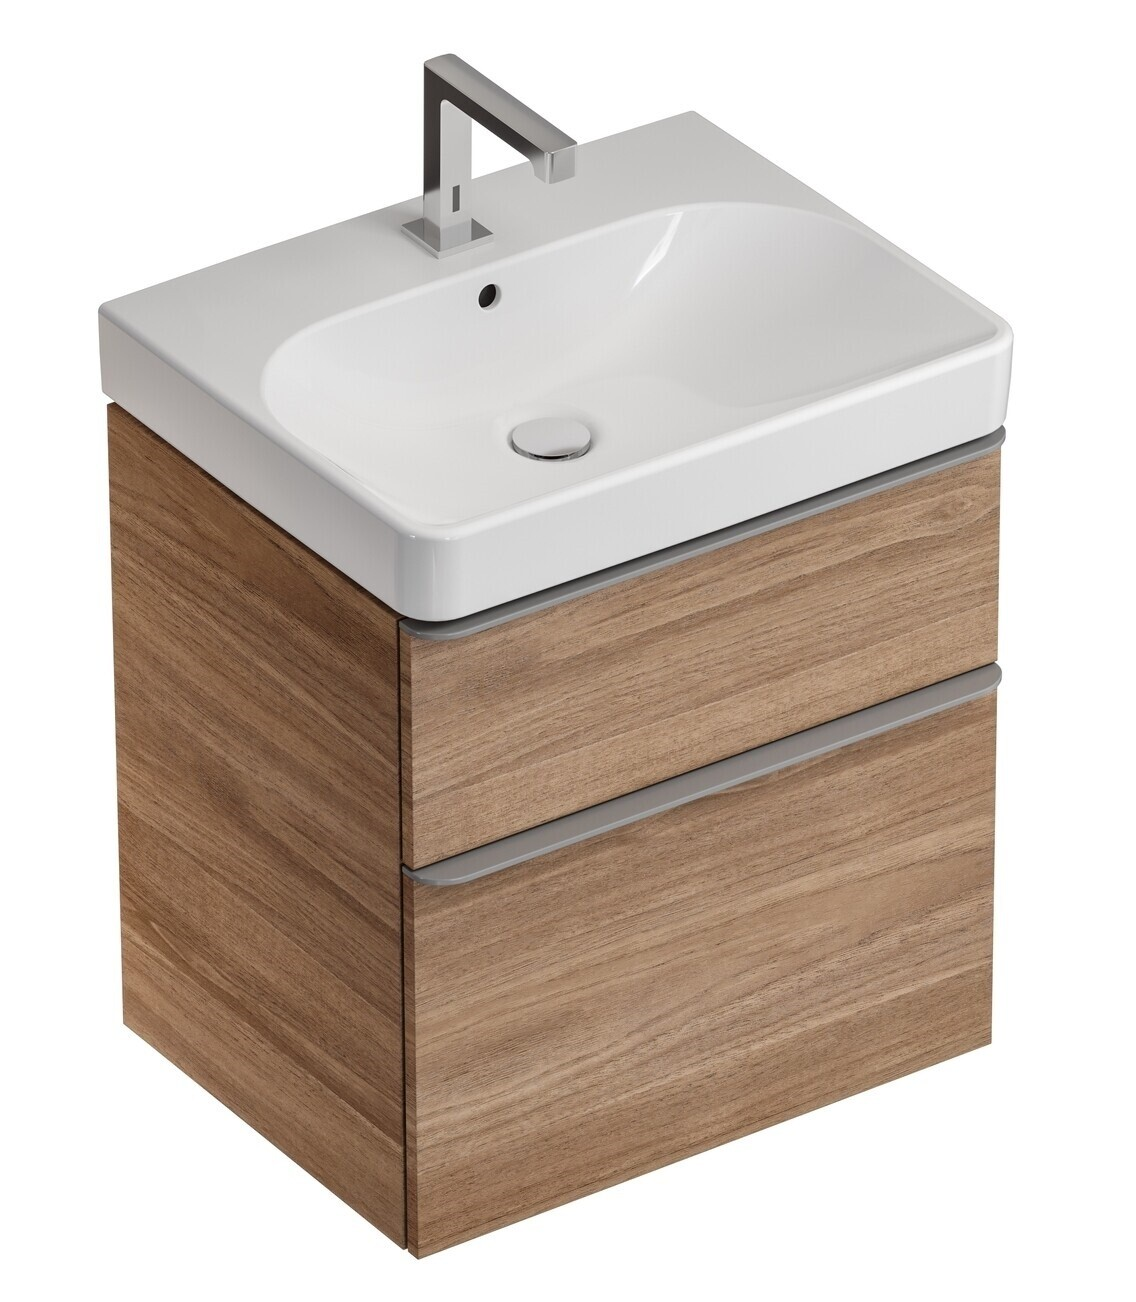 Meuble bas Geberit Smyle Square pour lavabo 90 cm avec deux tiroirs en noyer Carya